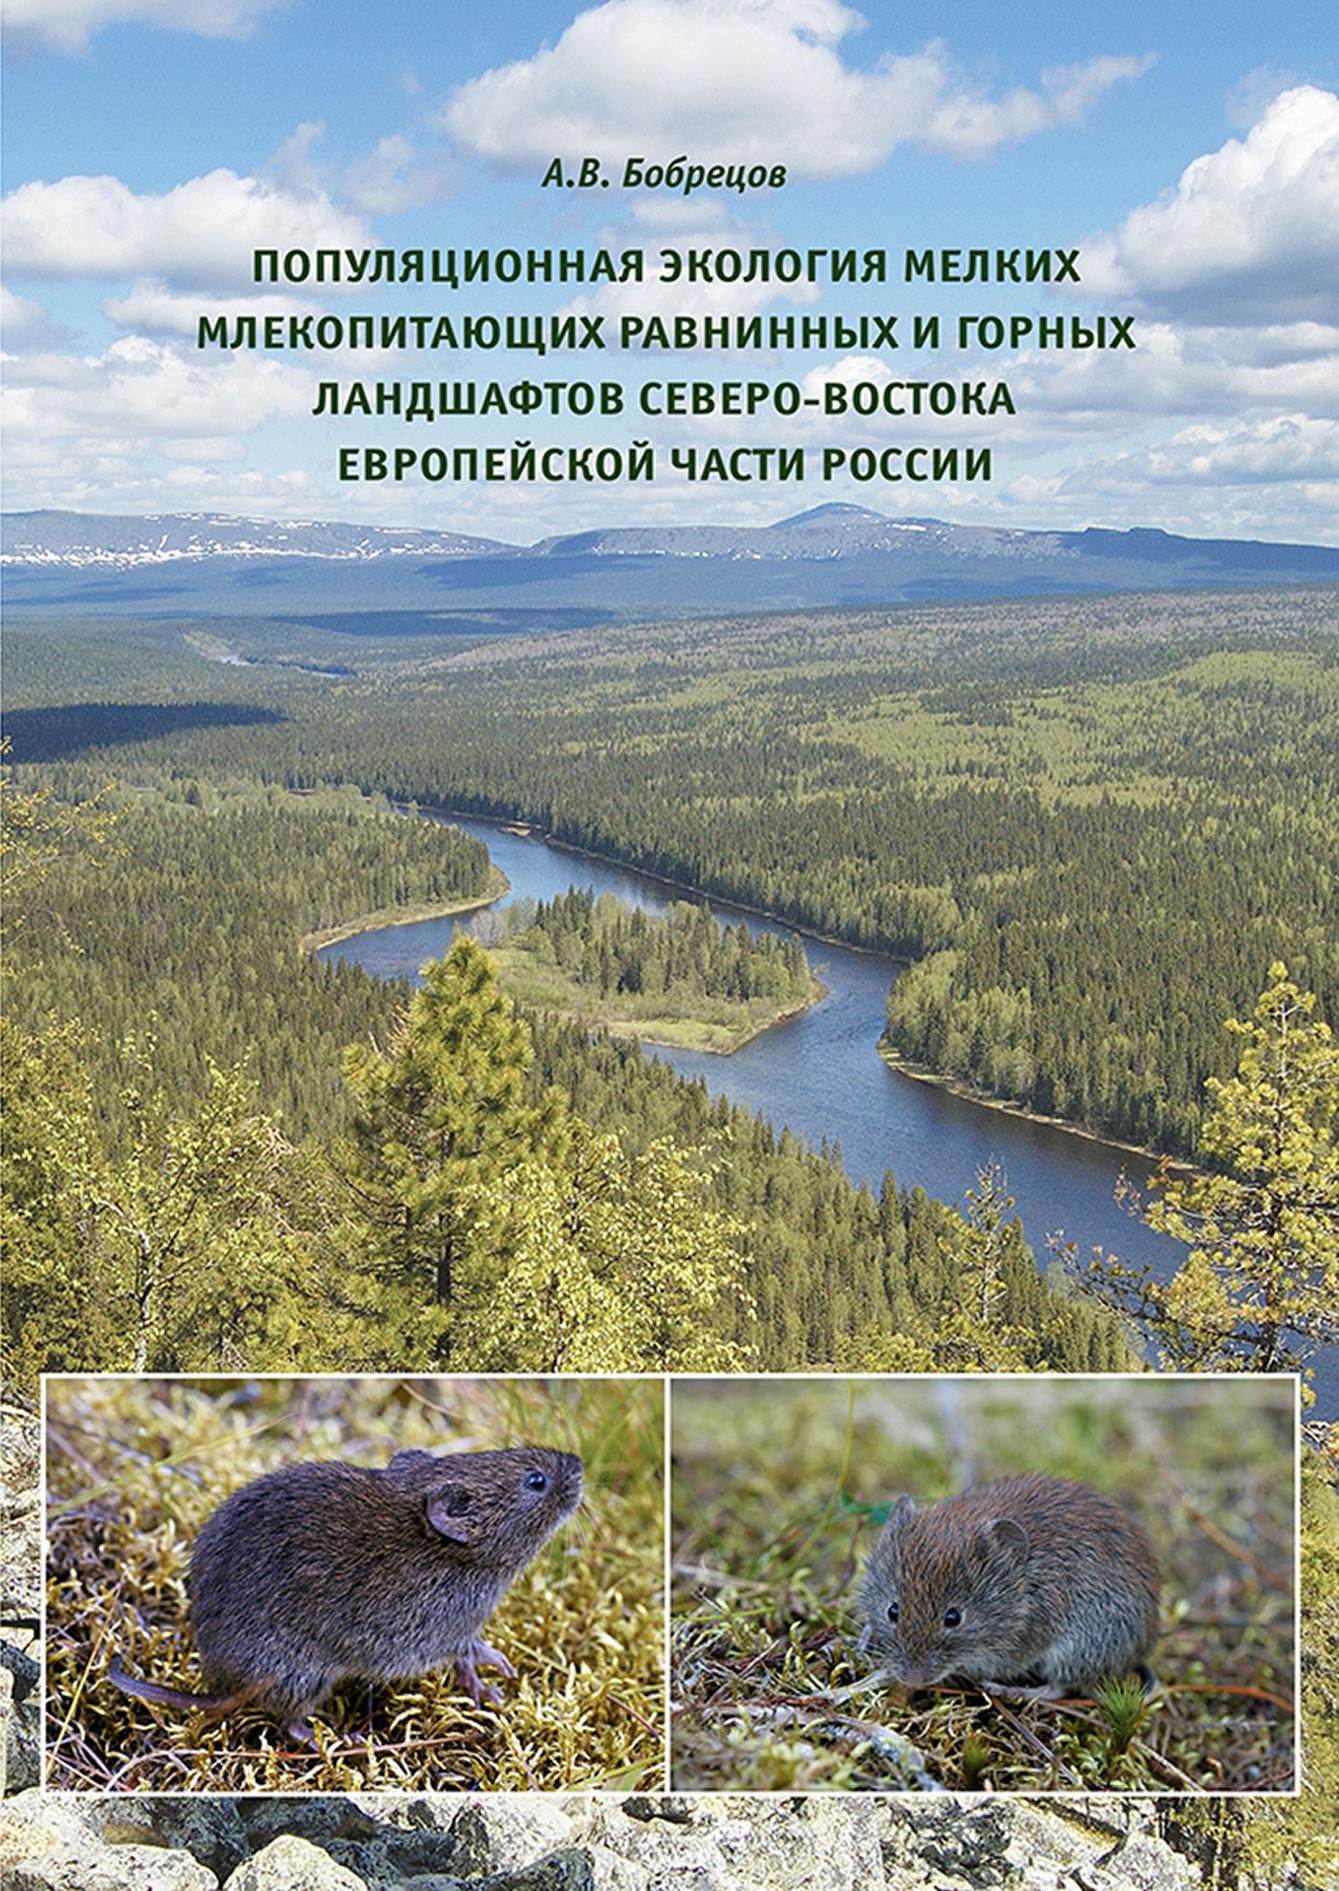 А. В. Бобрецов Популяционная экология мелких млекопитающих равнинных и горных ландшафтов Северо-Востока европейской части России